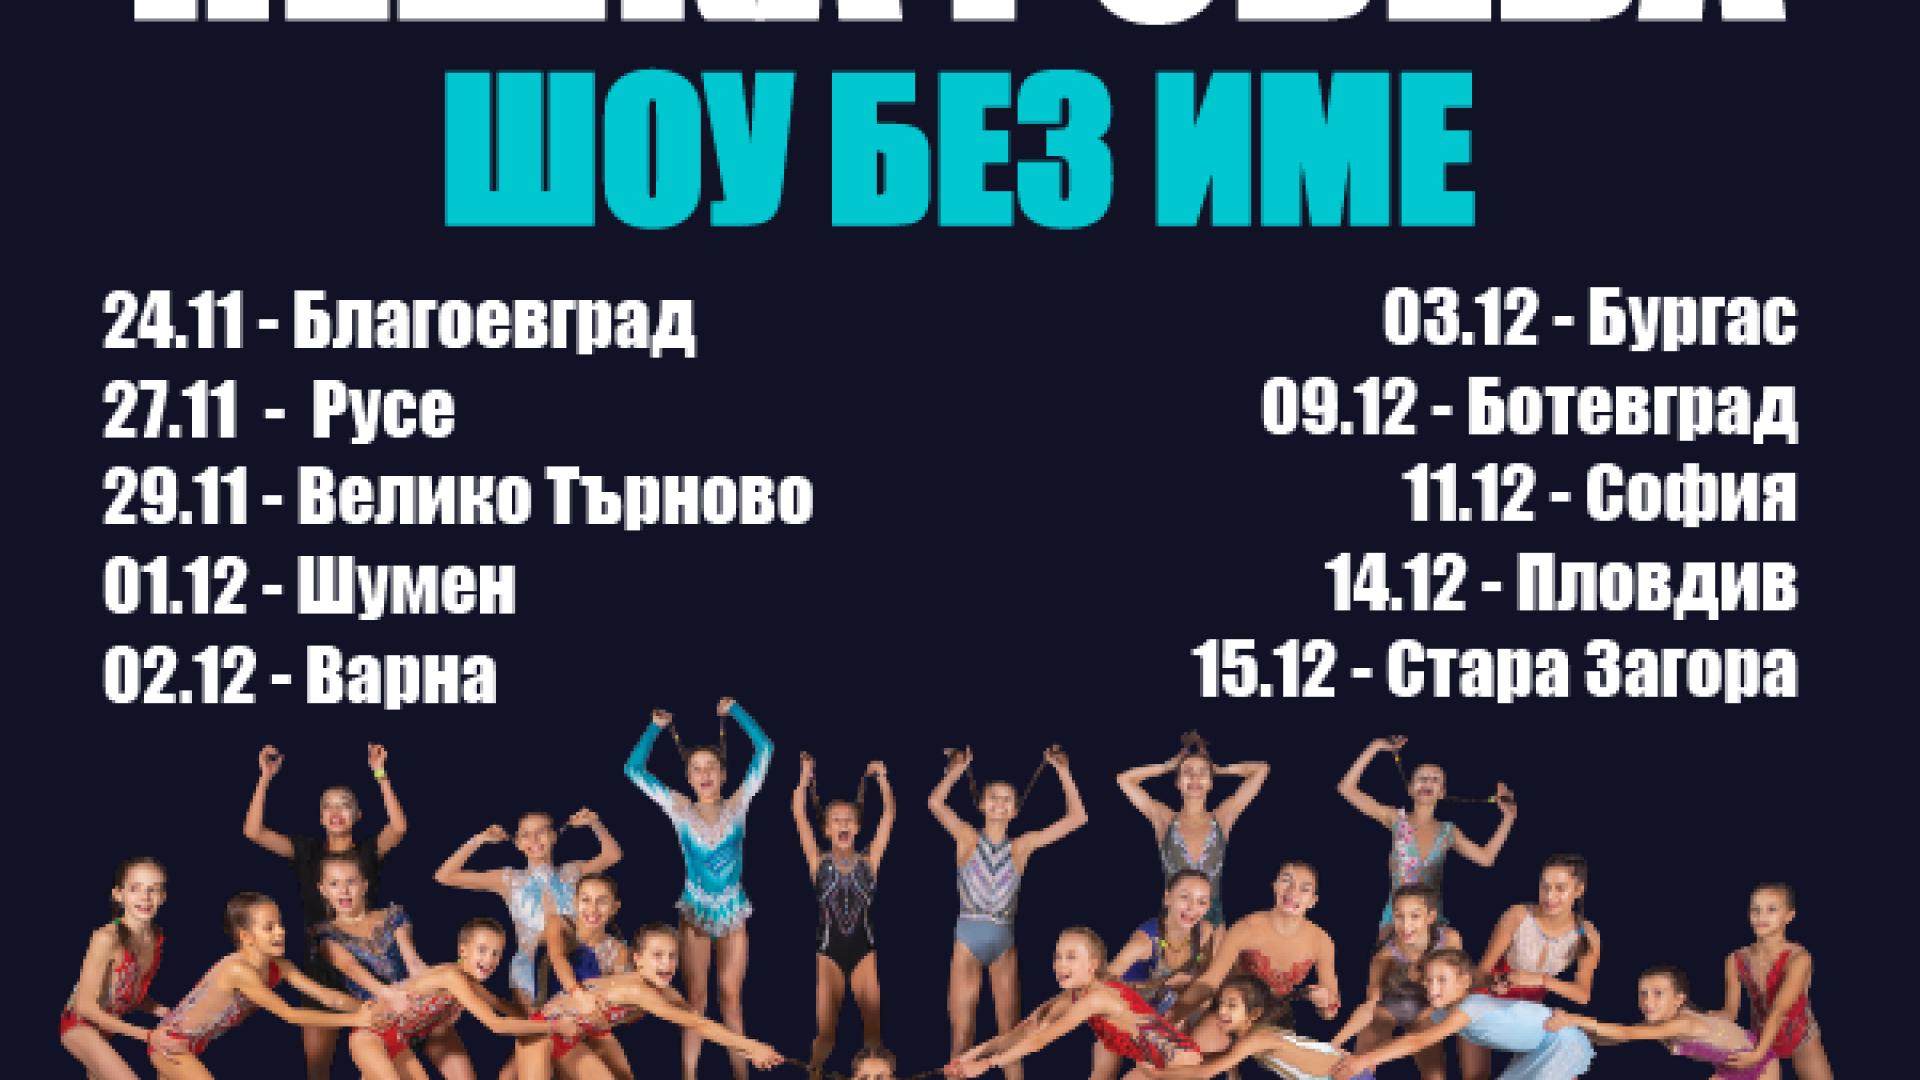 """Нешка Робева идва в Русе с """"Шоу без име"""", но с Кауза"""